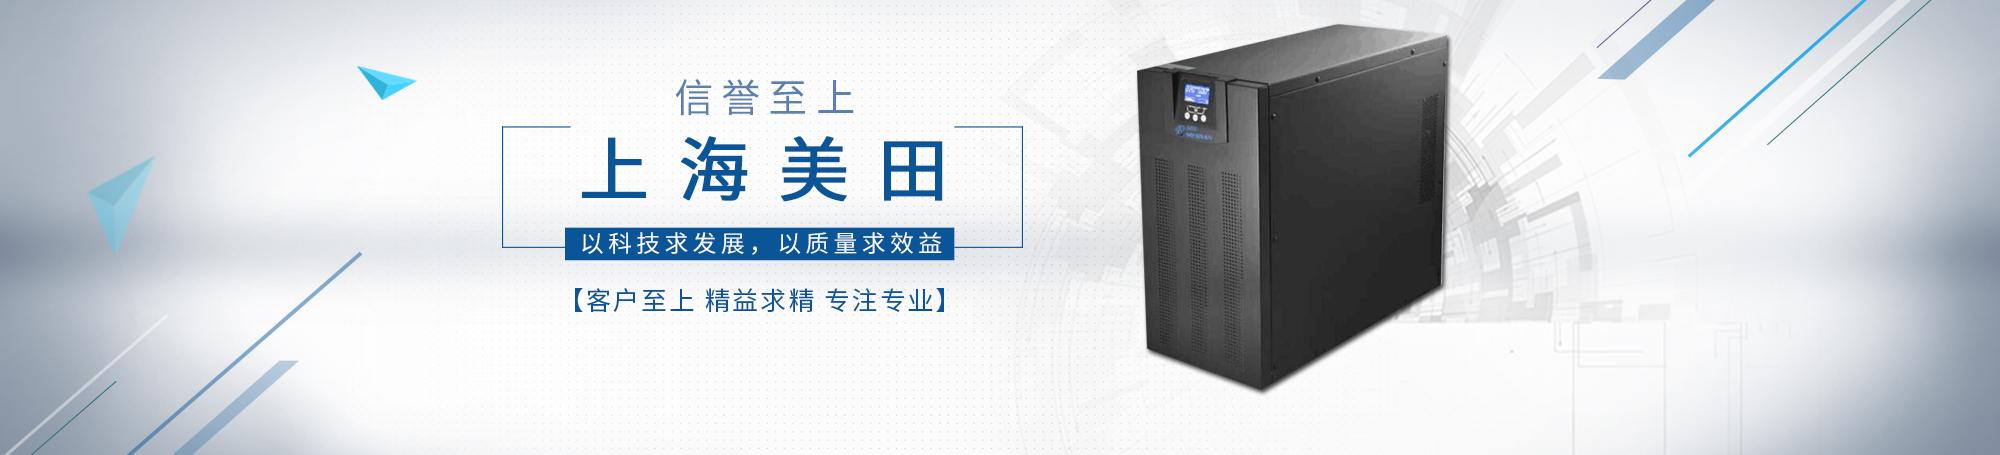 上海美田机电设备有限公司